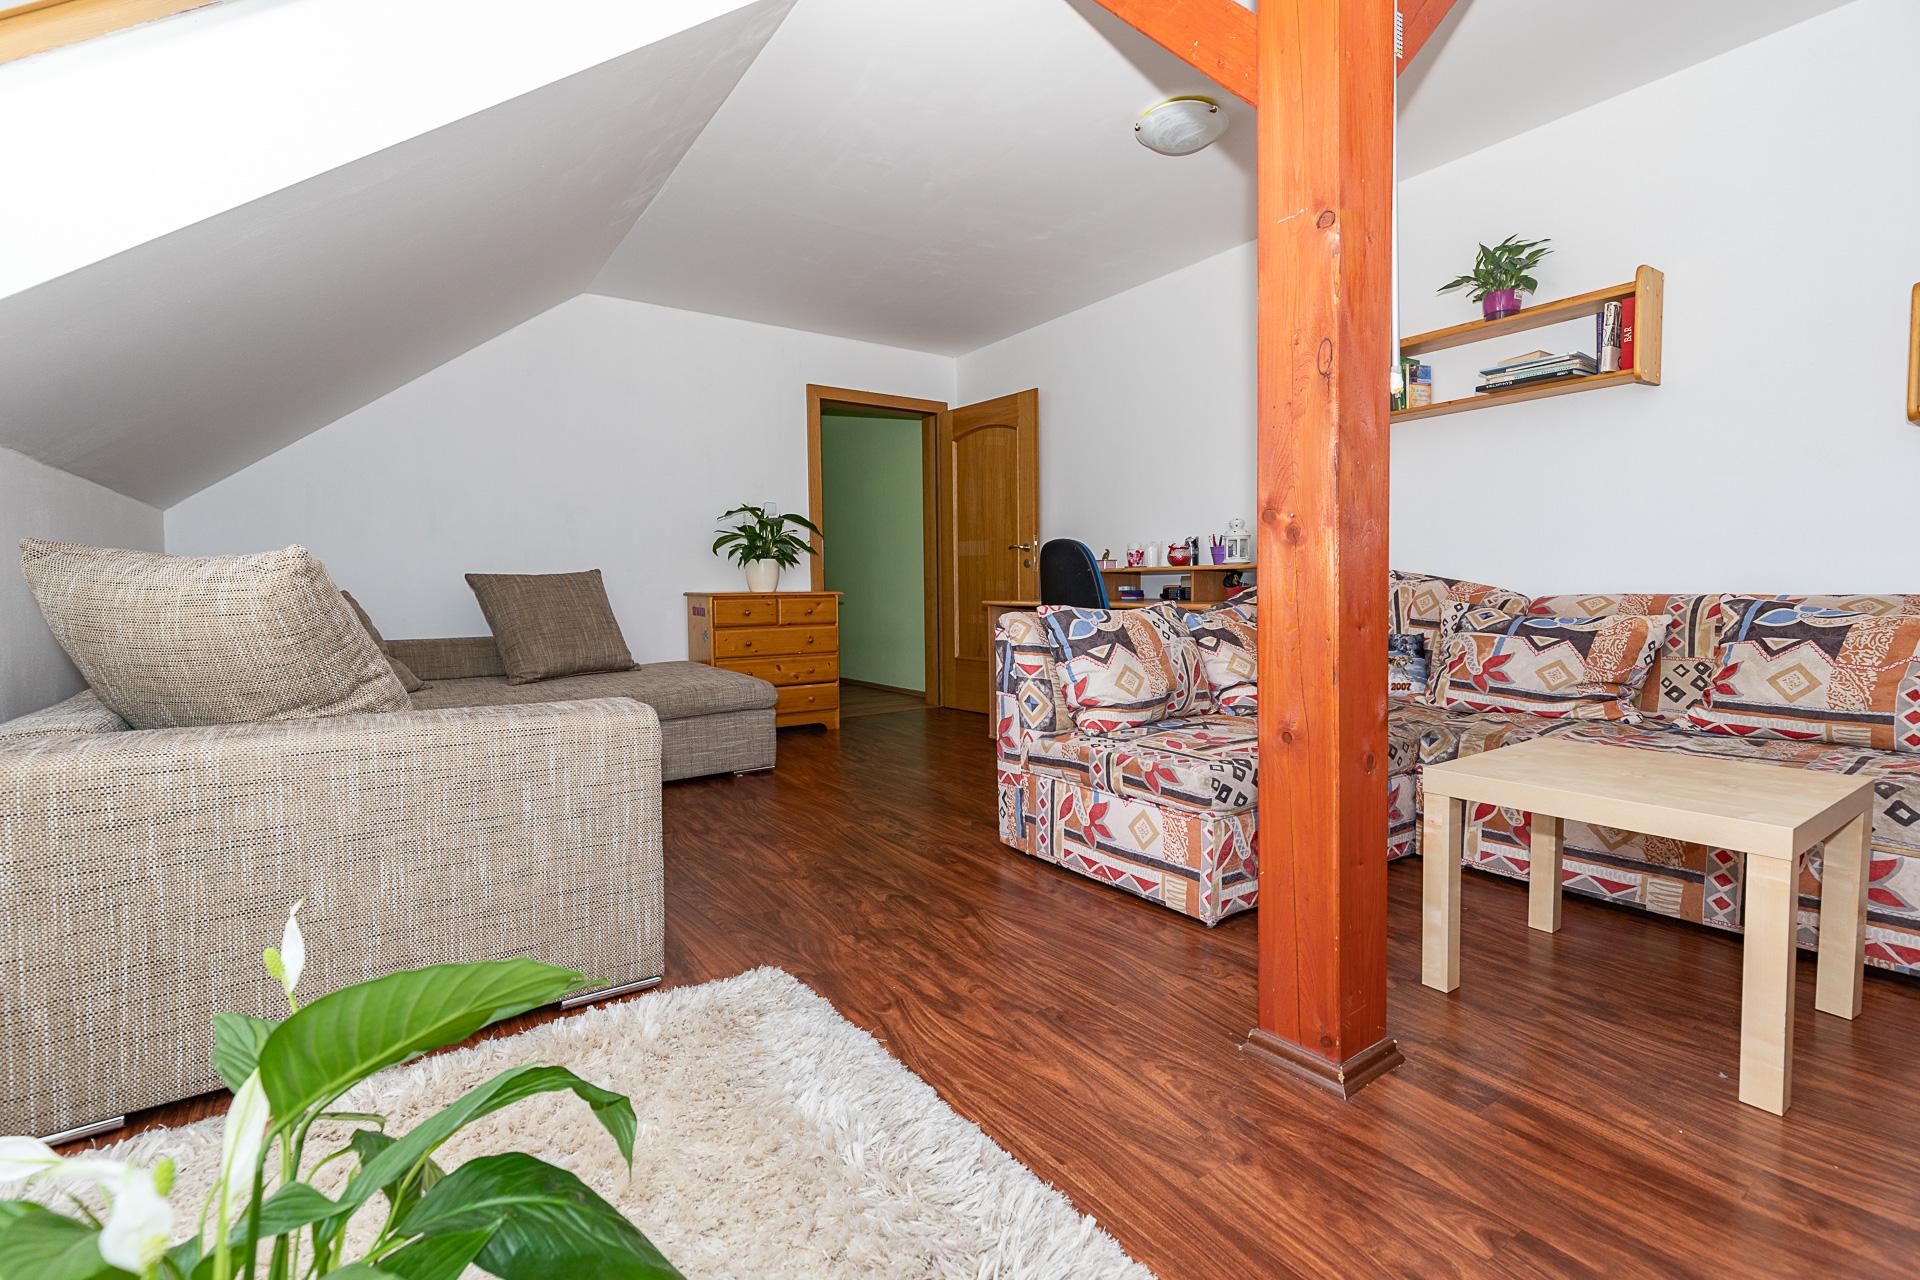 ložnice s trámem ve středu pokoje, pohovkou, bílí koberec